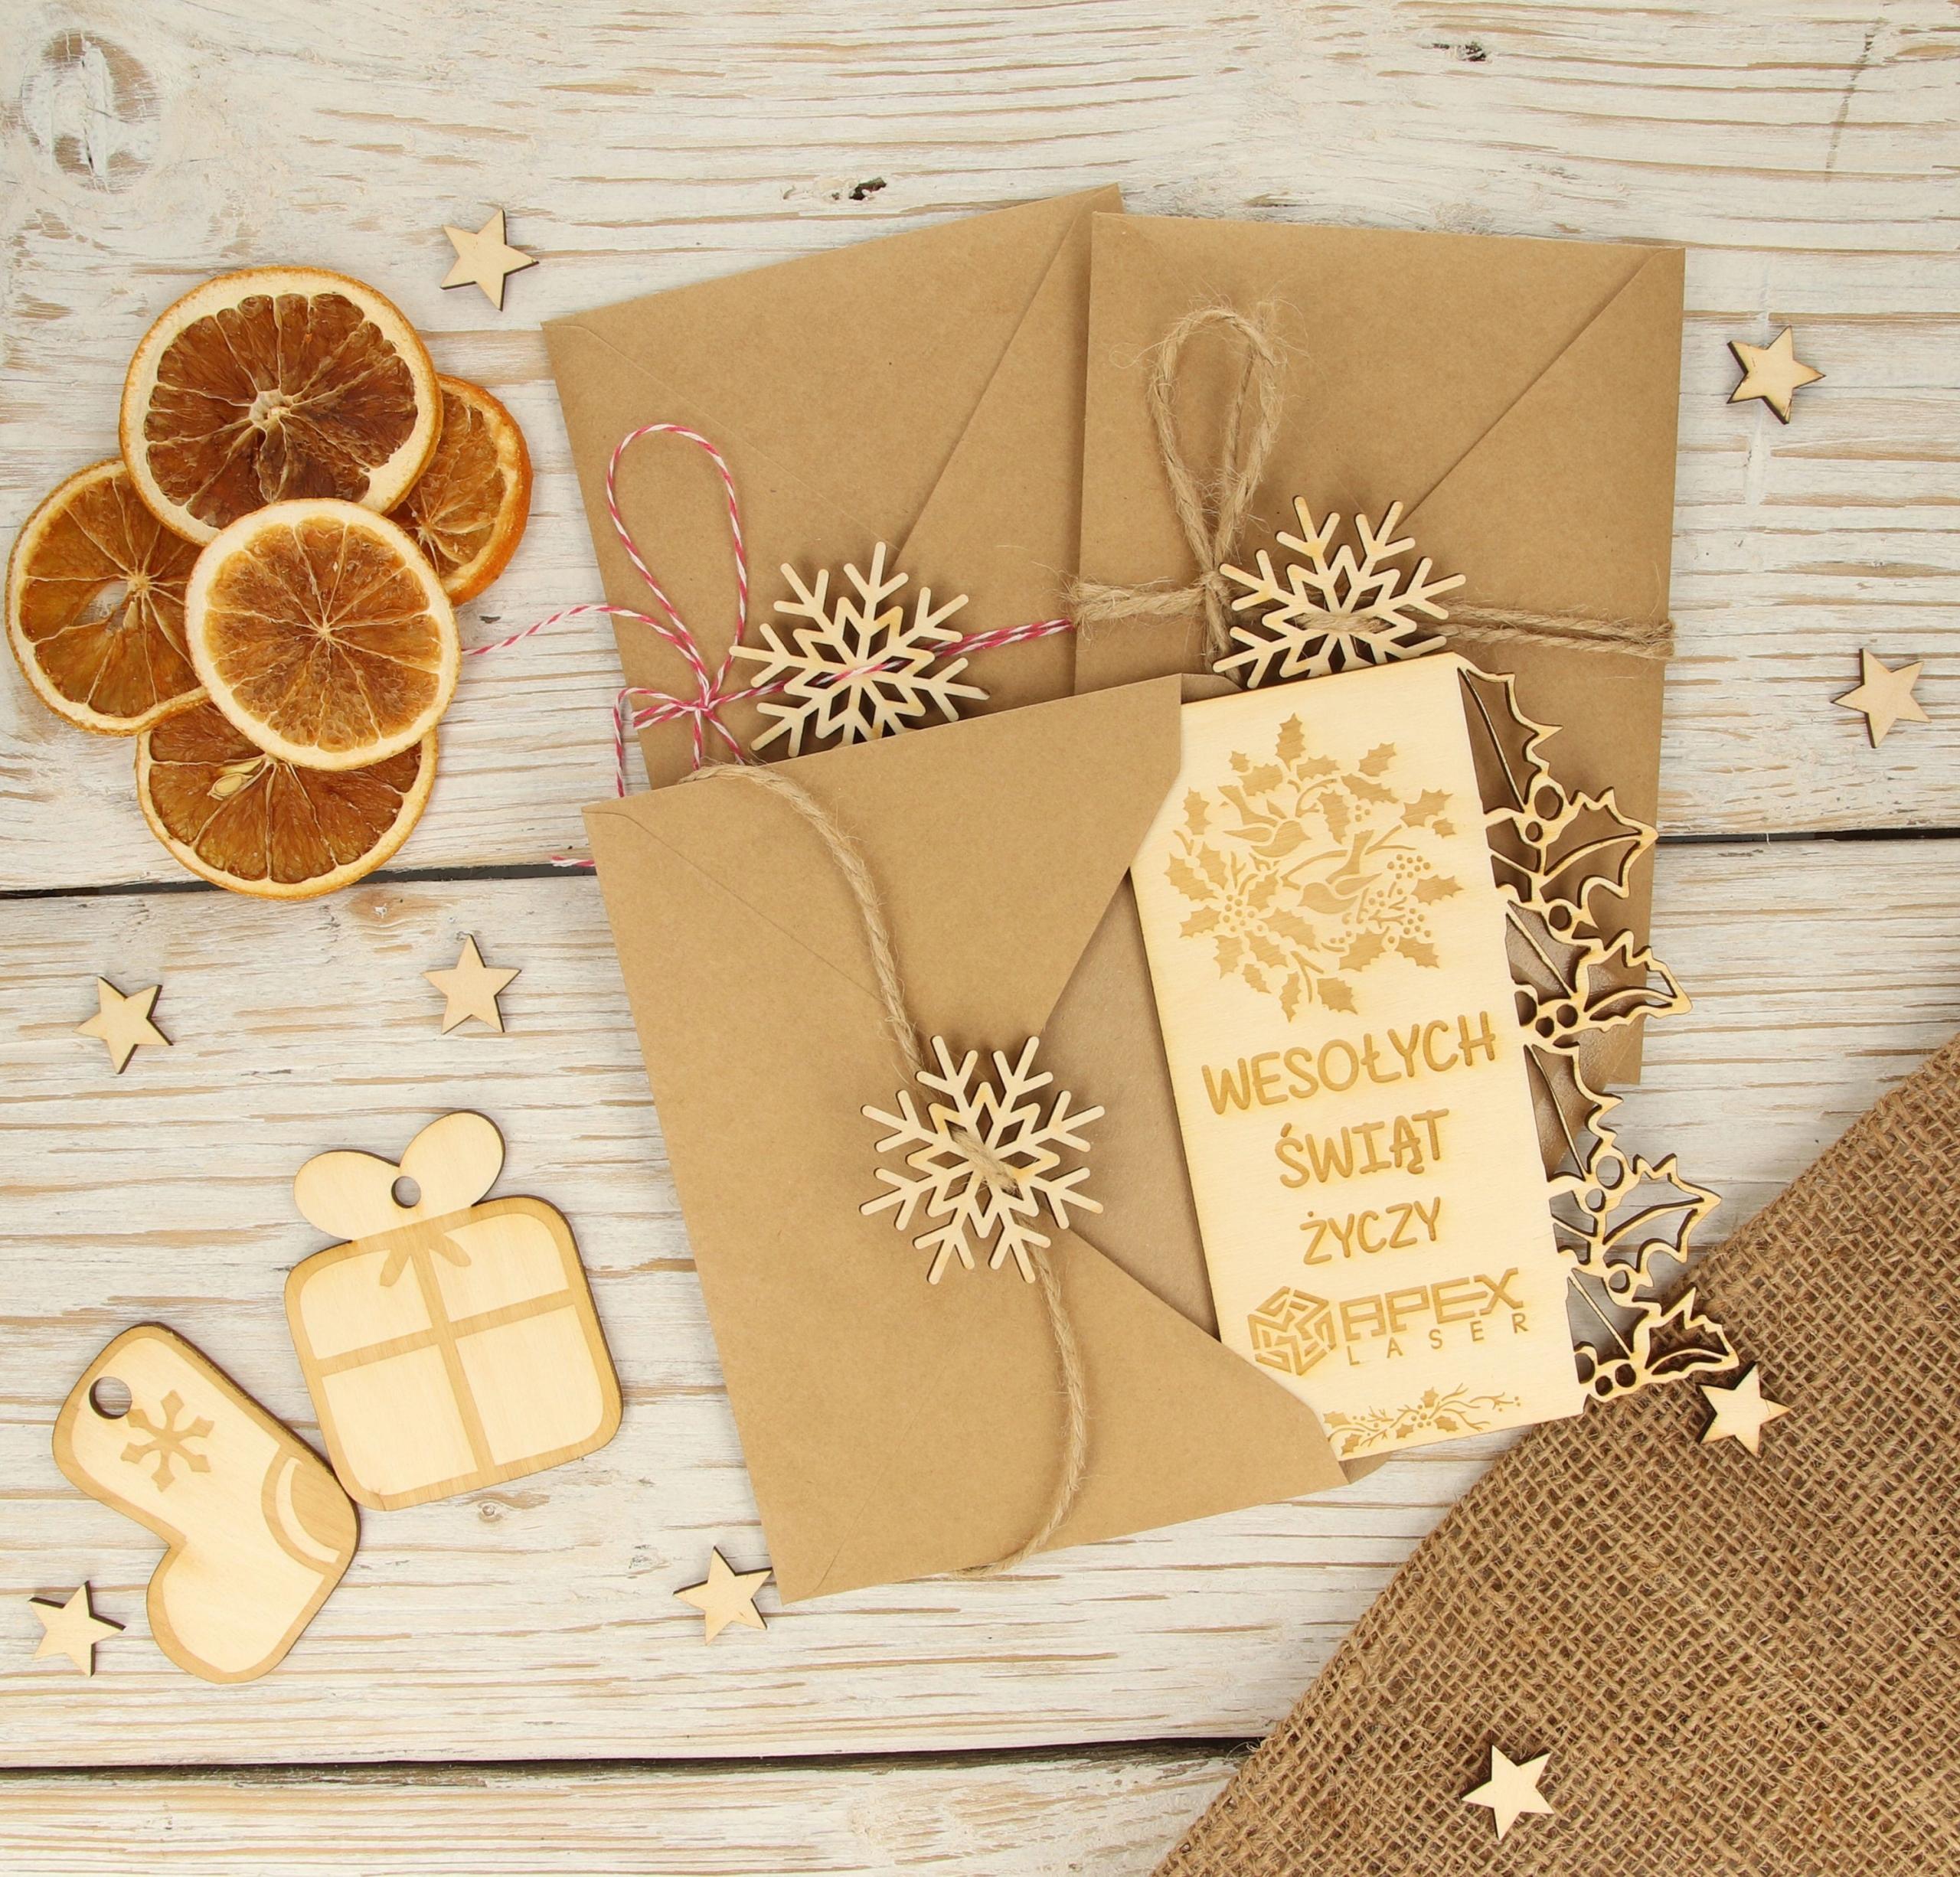 Kartka świąteczna drewniana 12 wzorów eko personal